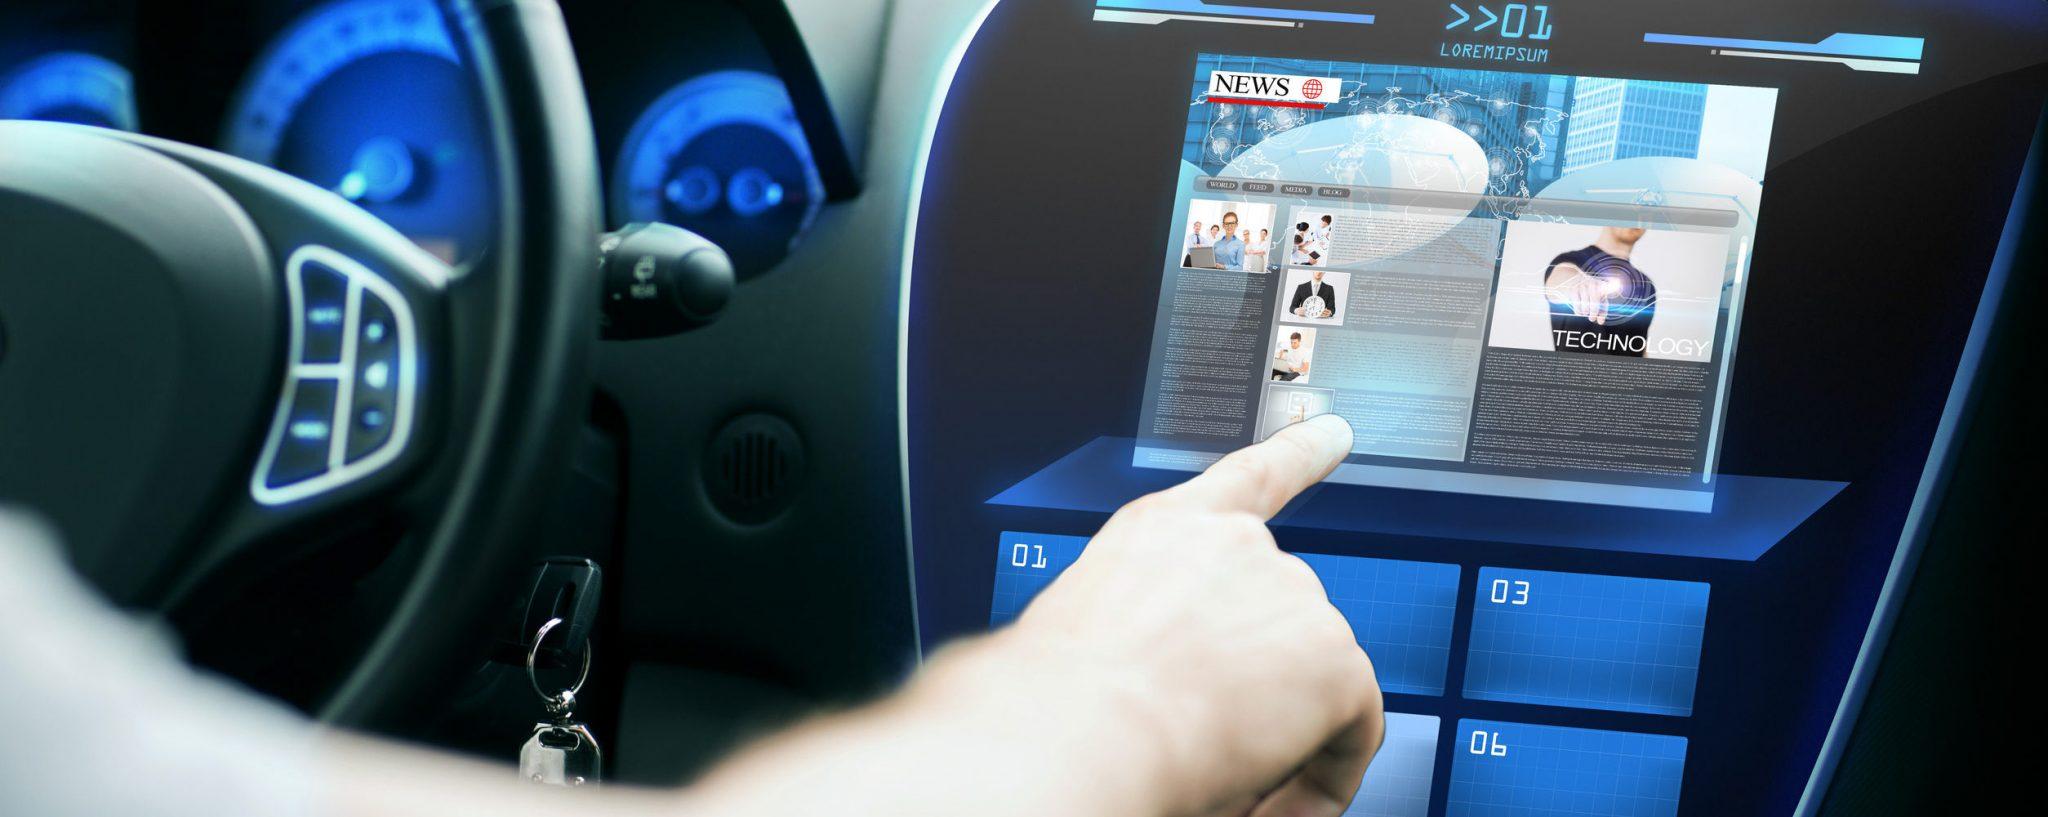 Automobile : quelles innovations technologiques depuis 5 ans ?